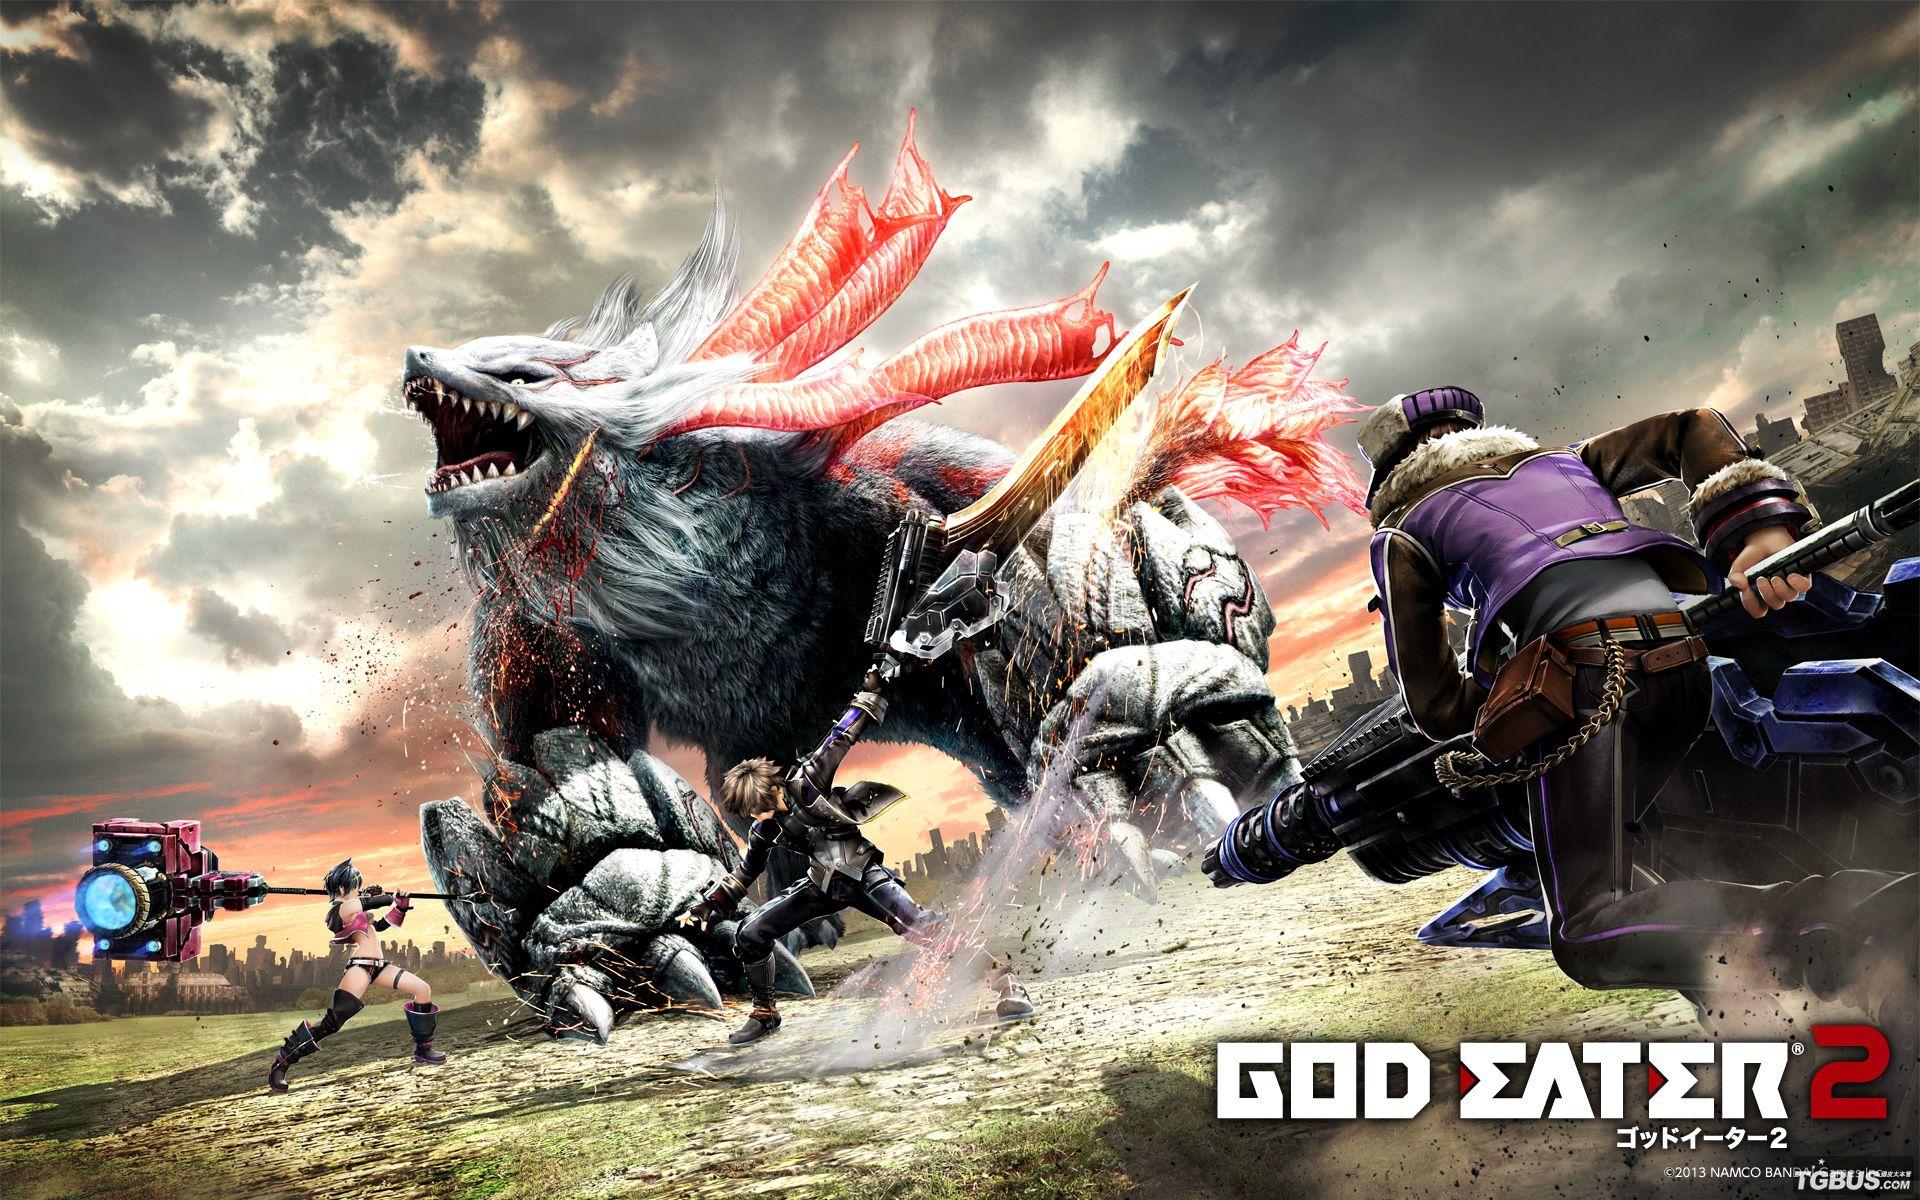 发售的PSP、PSV游戏噬神者2的相关新情报-噬神者2最新游戏壁纸